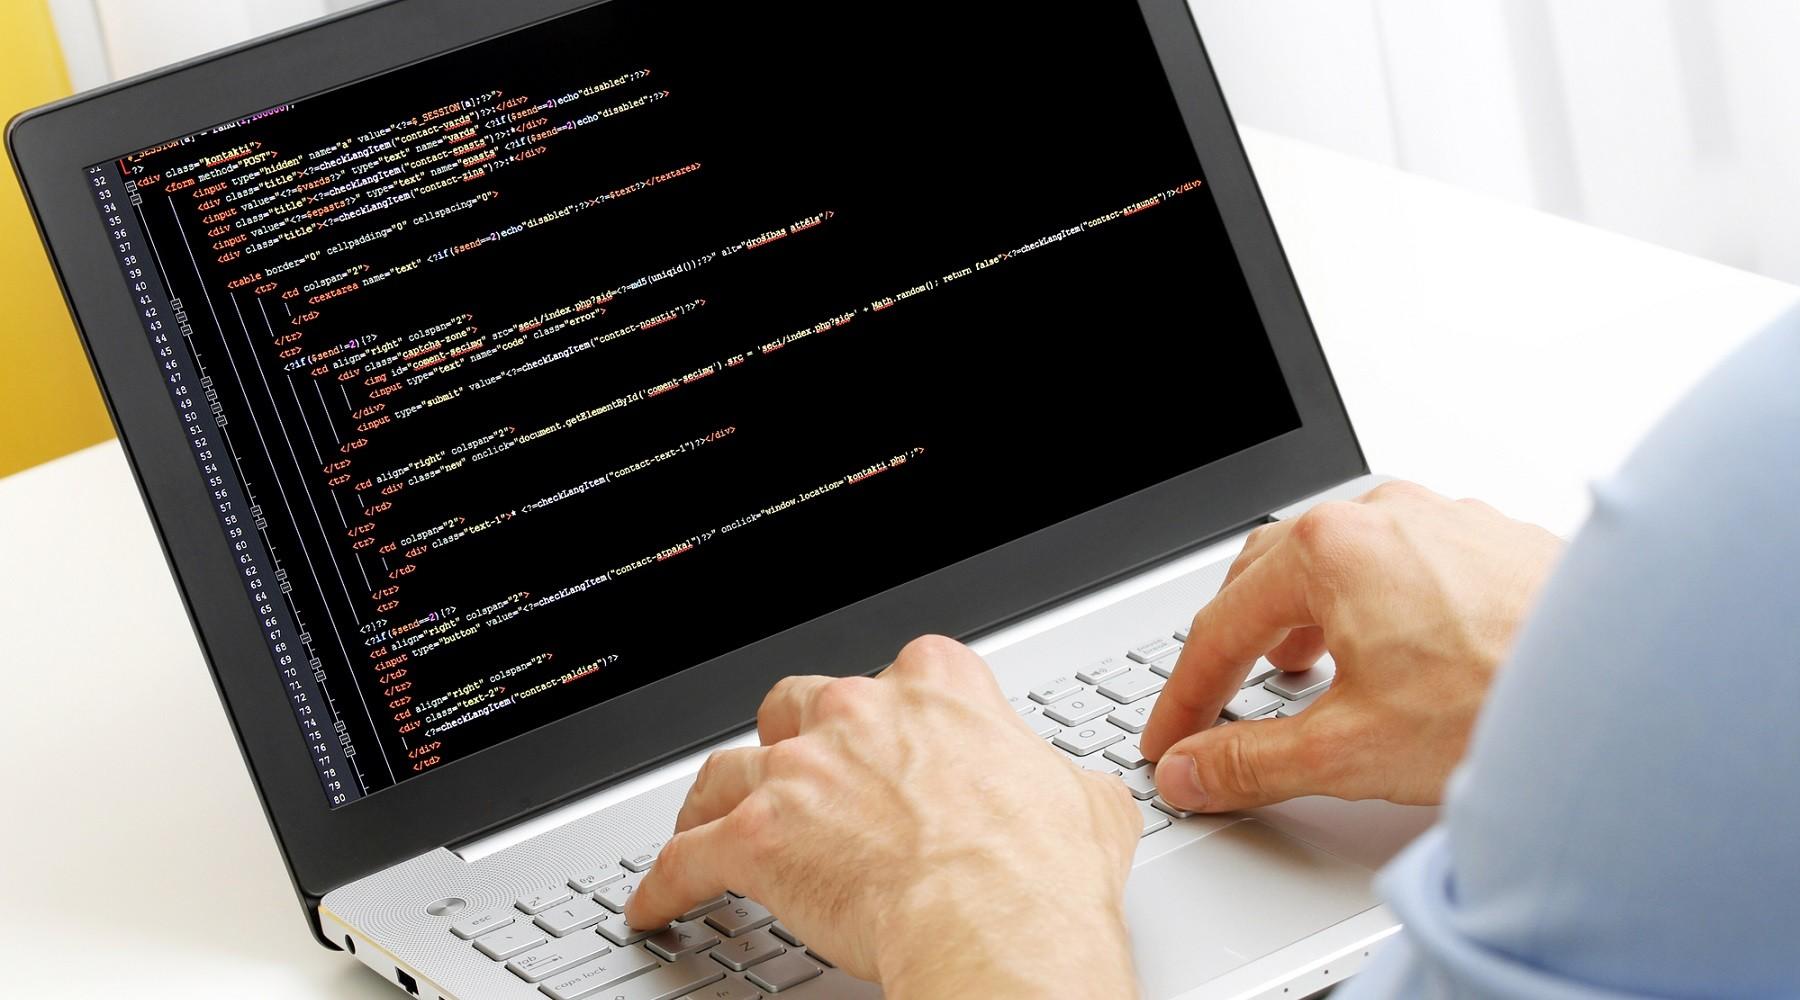 Vývojář píše na notebooku kód k softwaru.